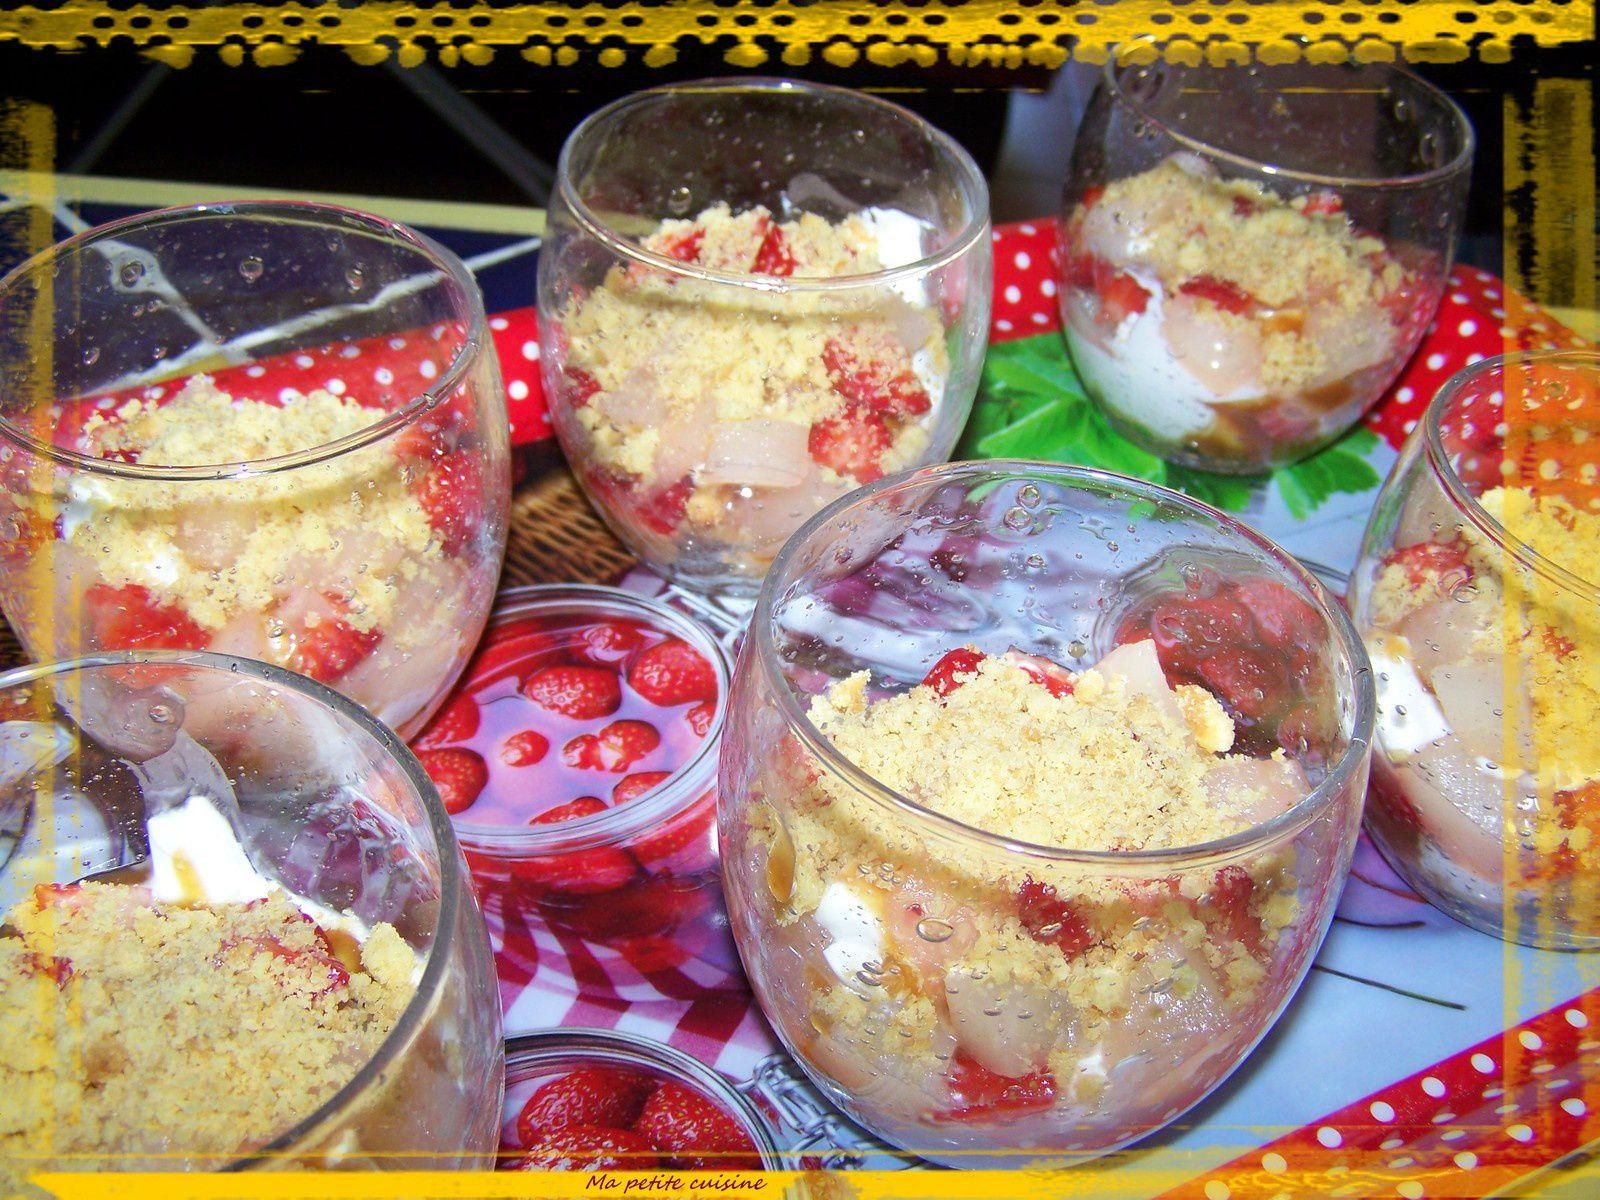 Trifles fraise et poire au caramel au beurre salé